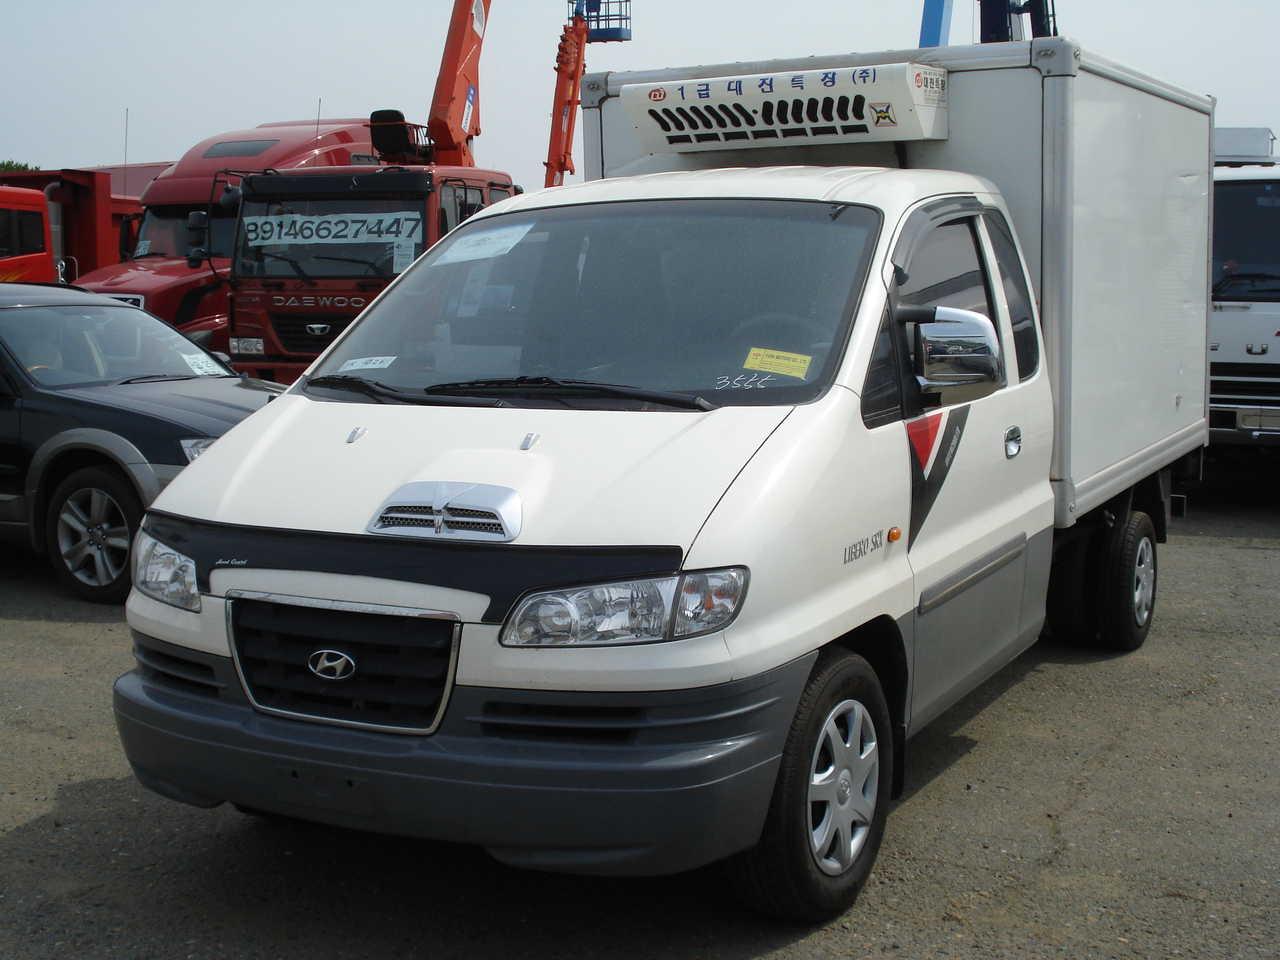 Used 2004 Hyundai Libero Photos, 2500cc., Diesel, FR or RR ...